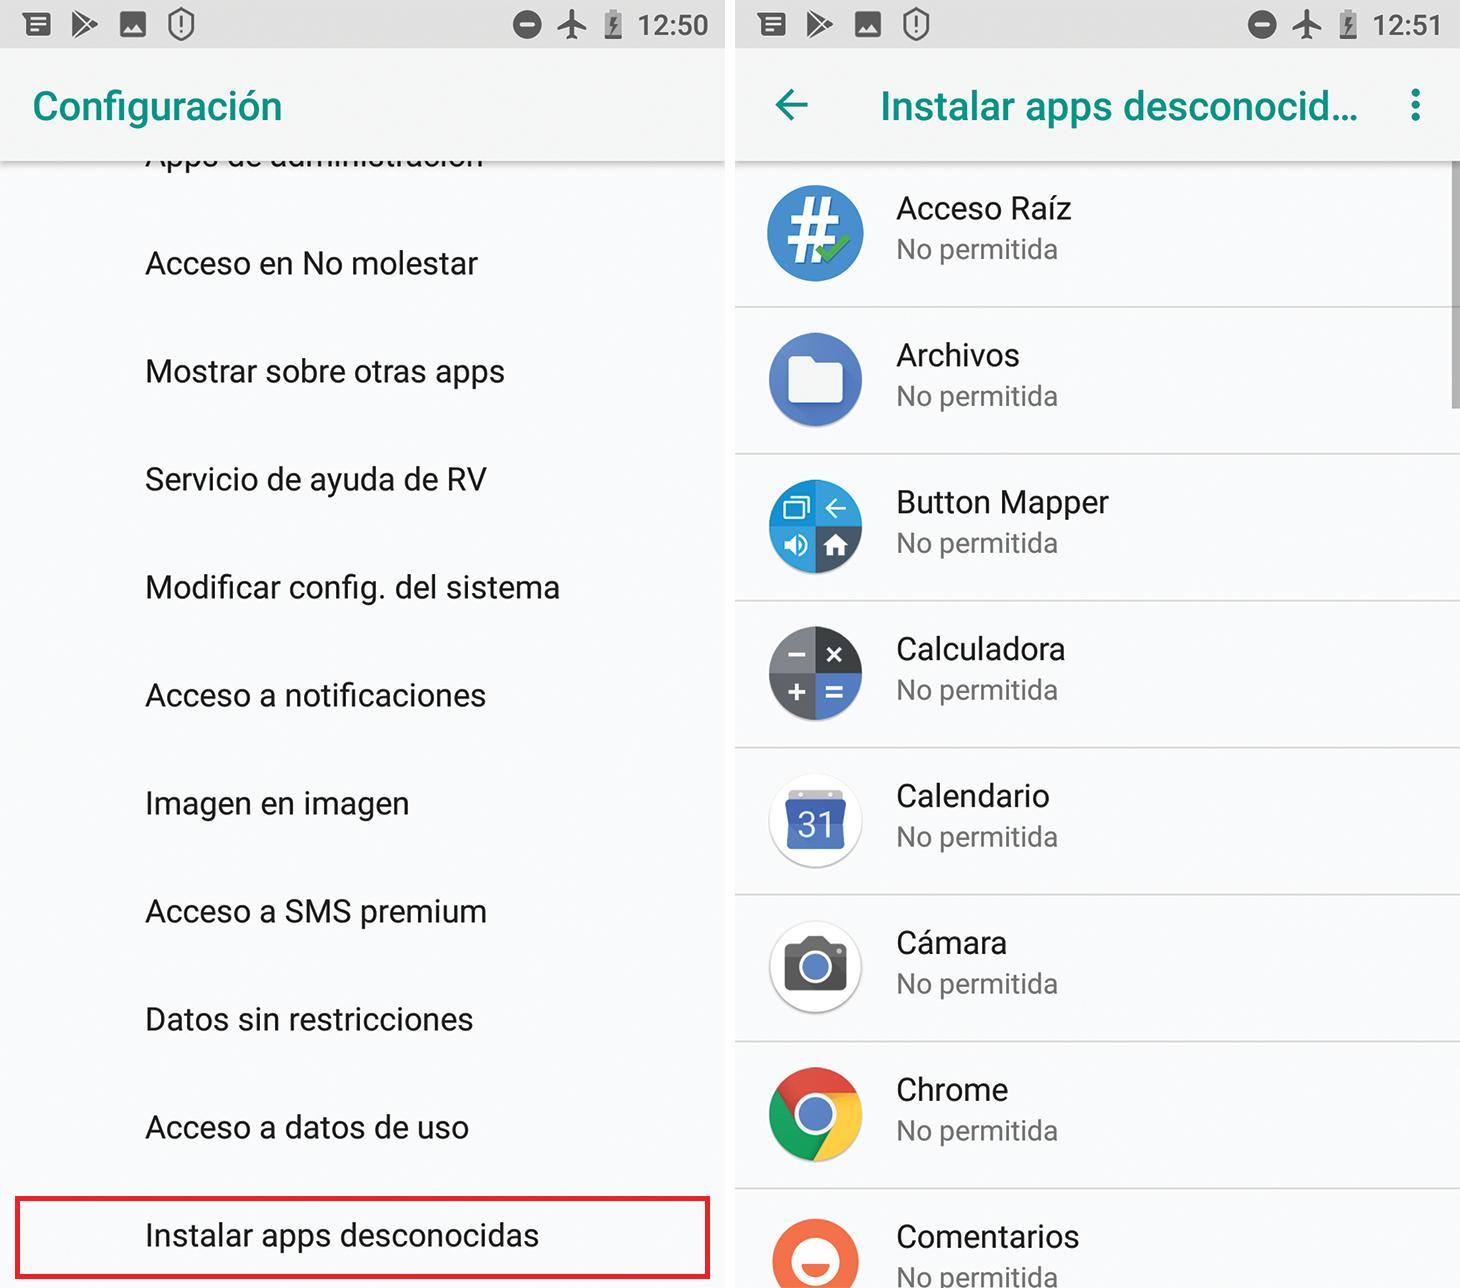 Cómo desactivar la instalación de aplicaciones desconocidas en Android 8 y versiones posteriores